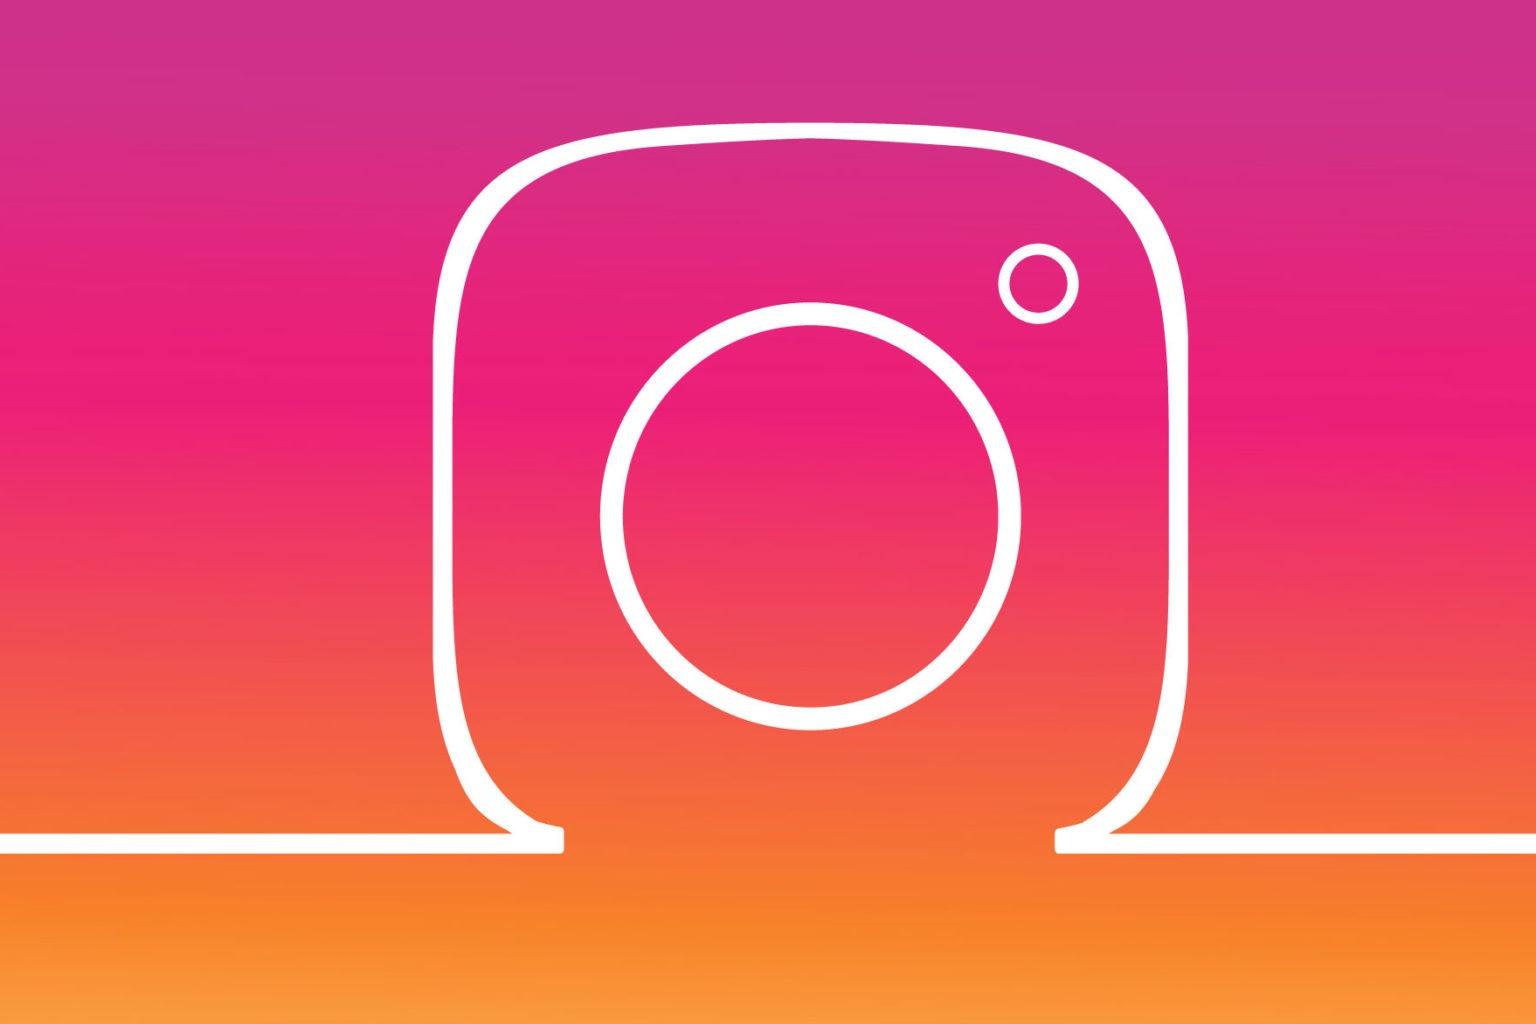 Imagem de Contas públicas no Instagram poderão começar a remover seguidores no tecmundo